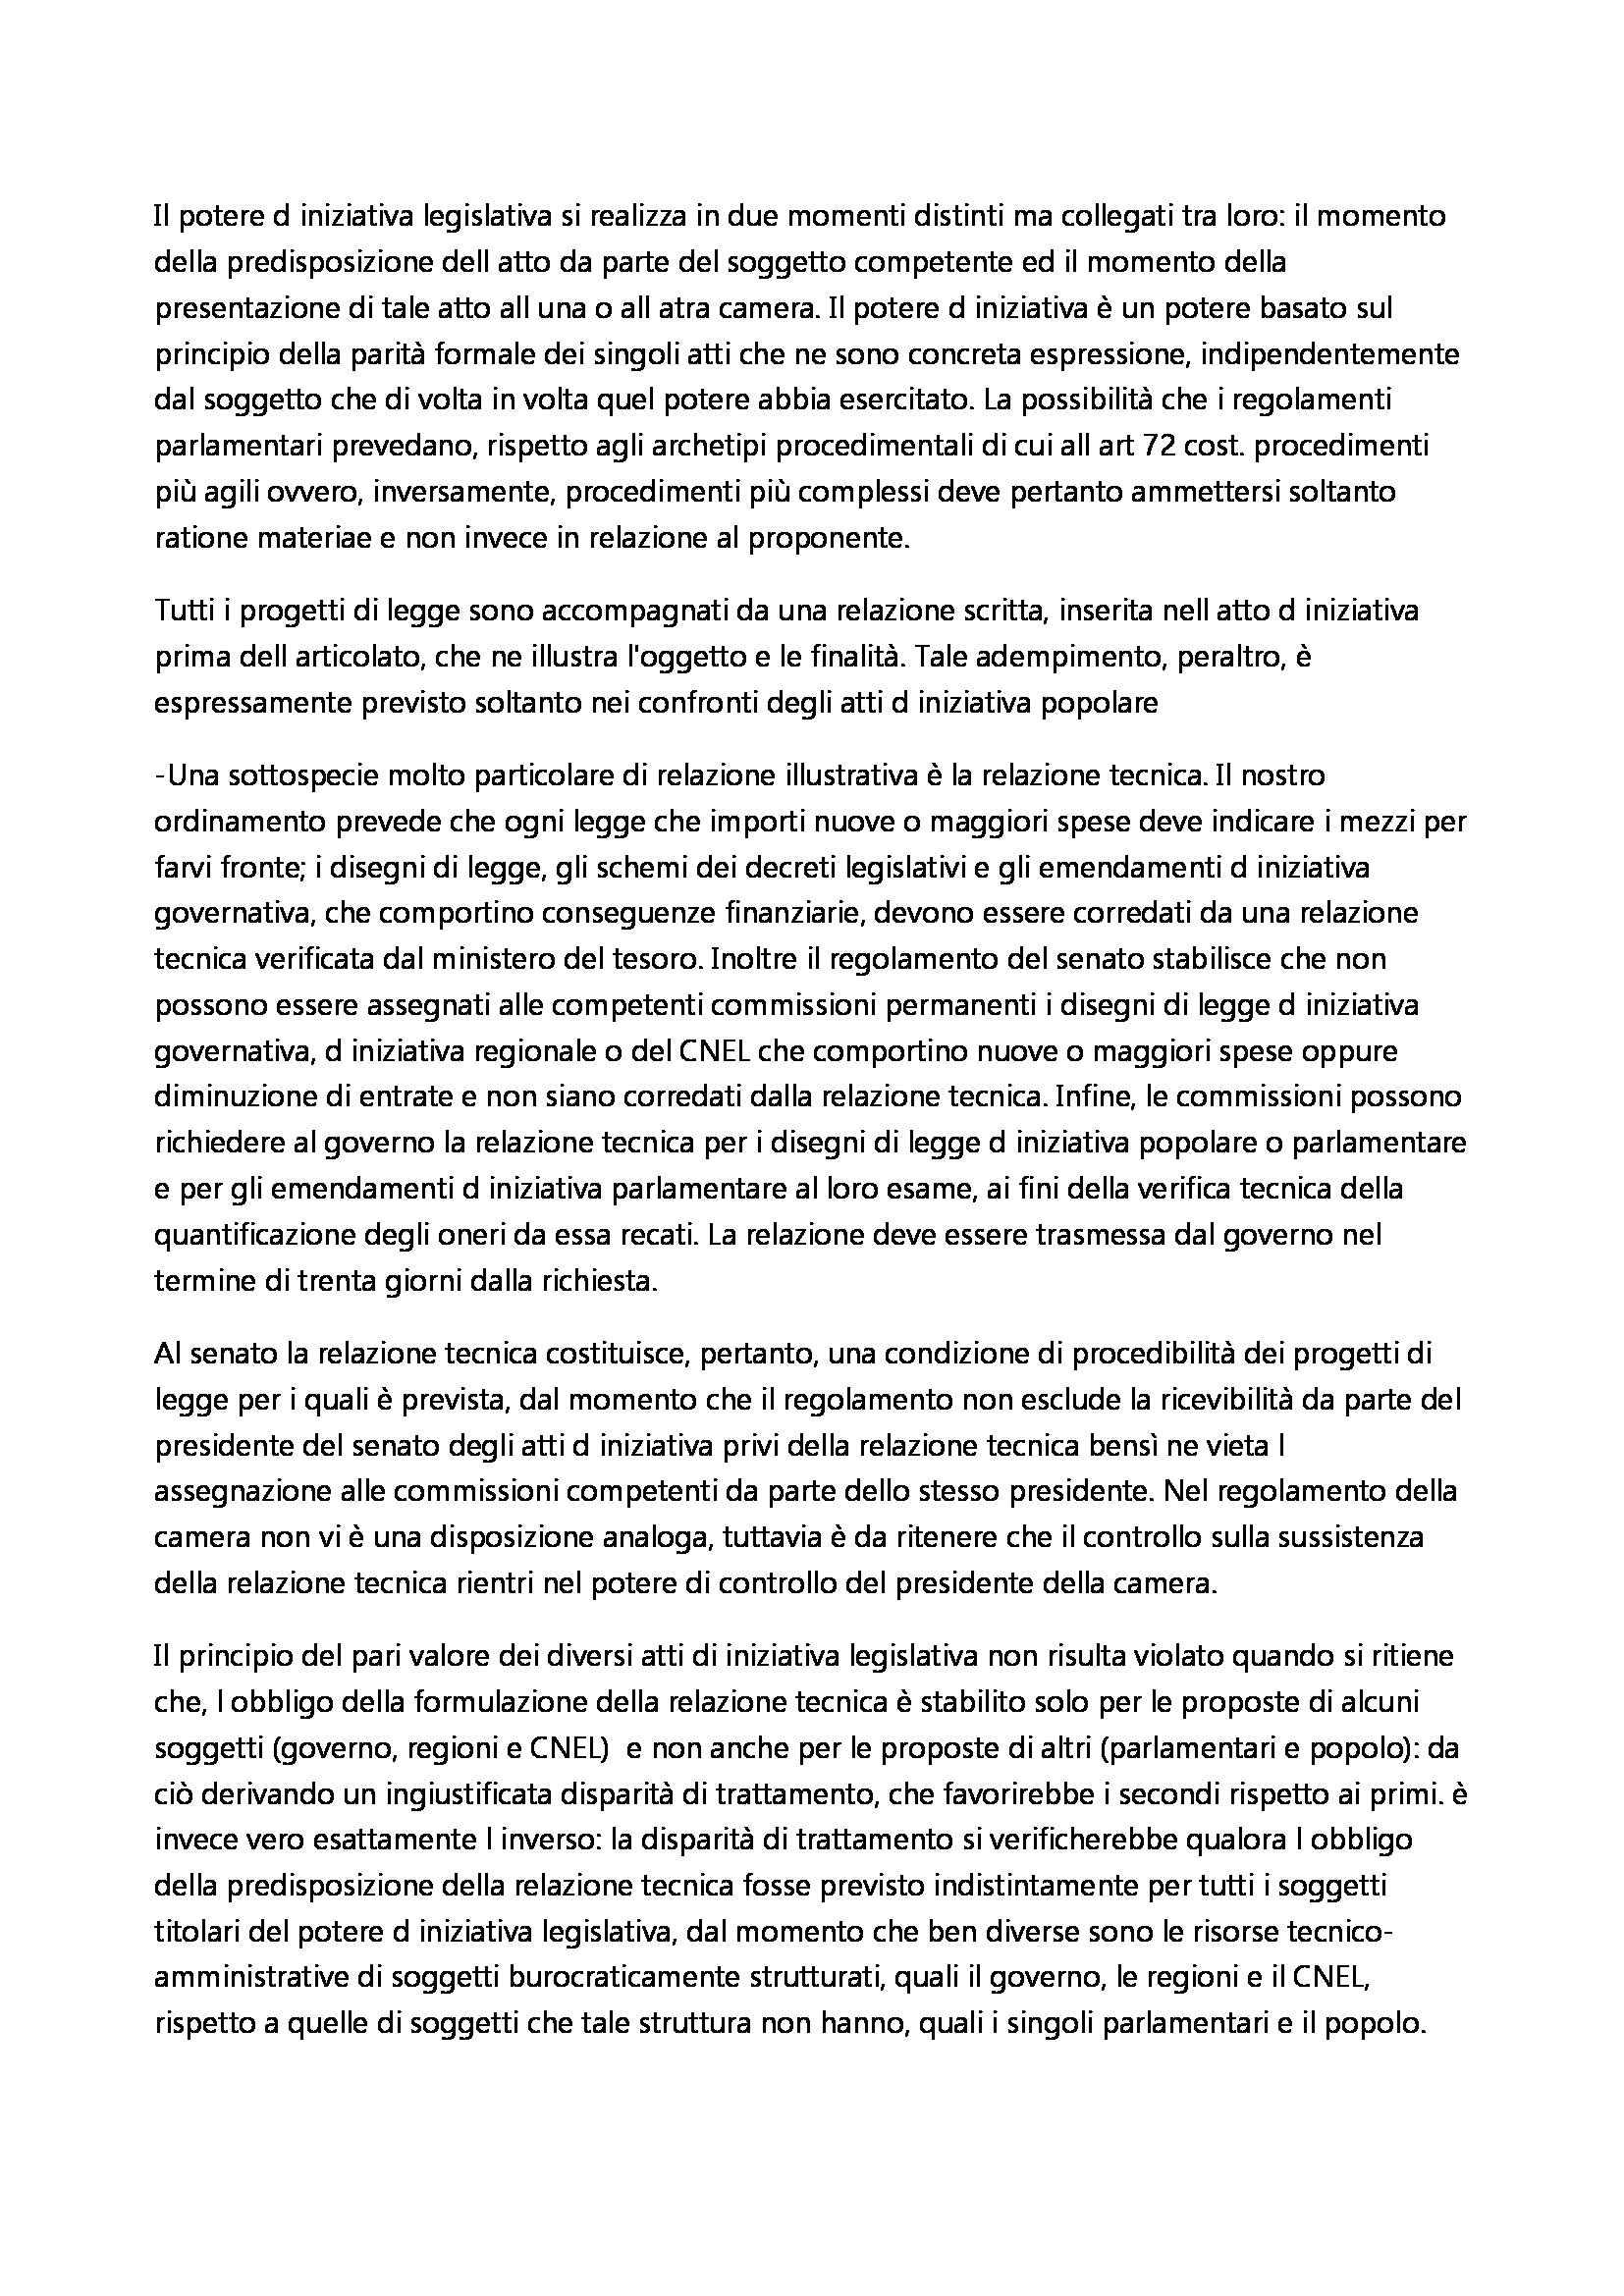 Diritto Costituzionale - Appunti Pag. 21